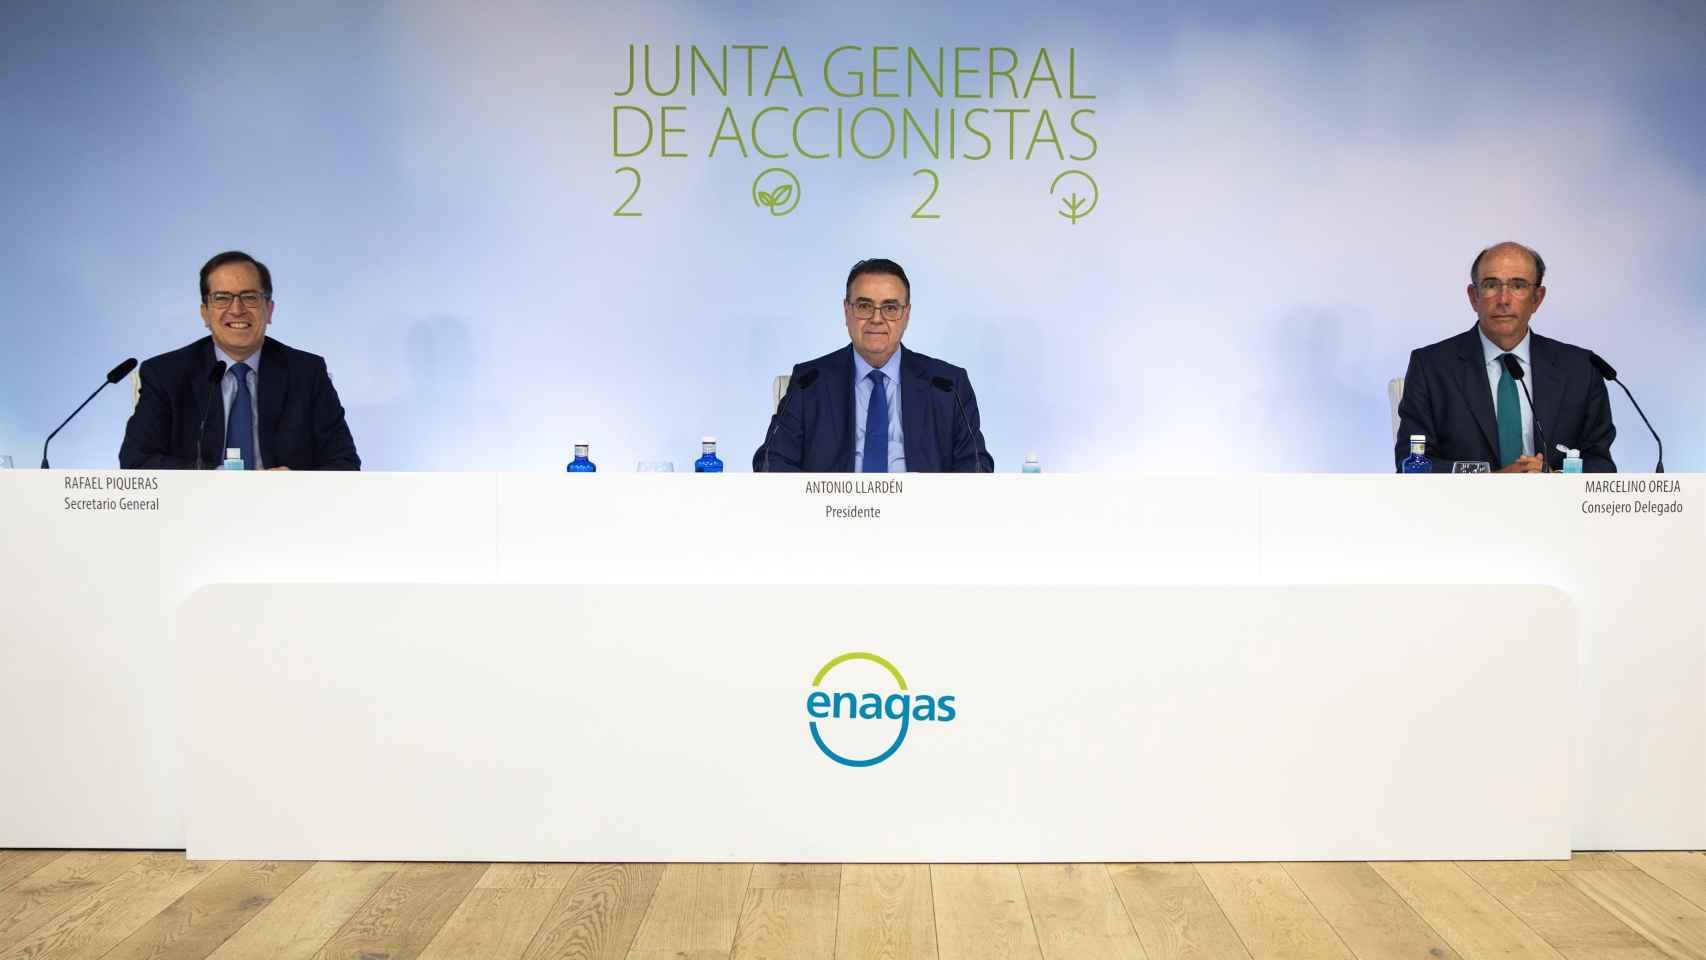 Antonio Llardén y Marcelino Oreja, en la junta general de accionistas 2020.